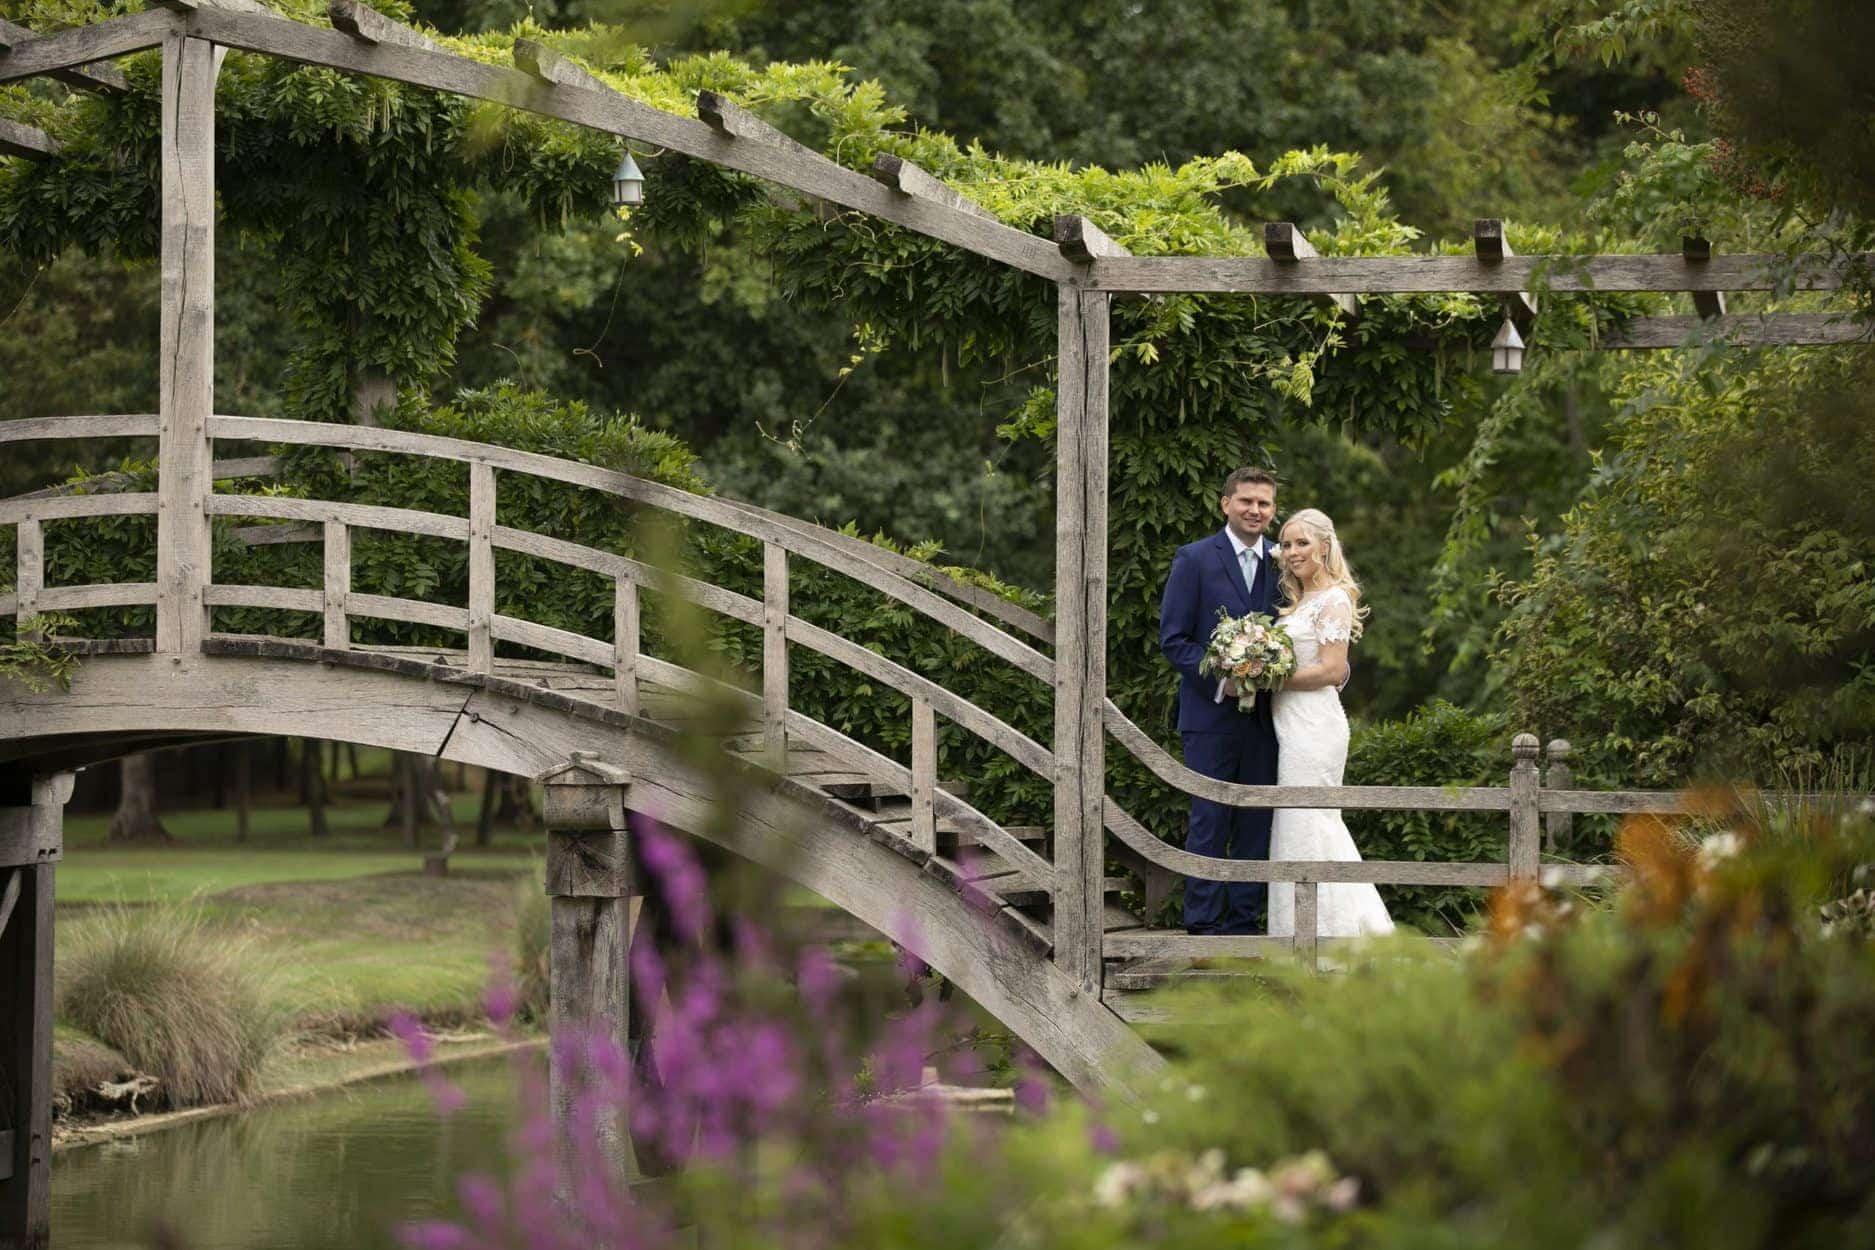 Ruth in Amanda Wyatt Honesty Wedding Dress on a bridge with her husband